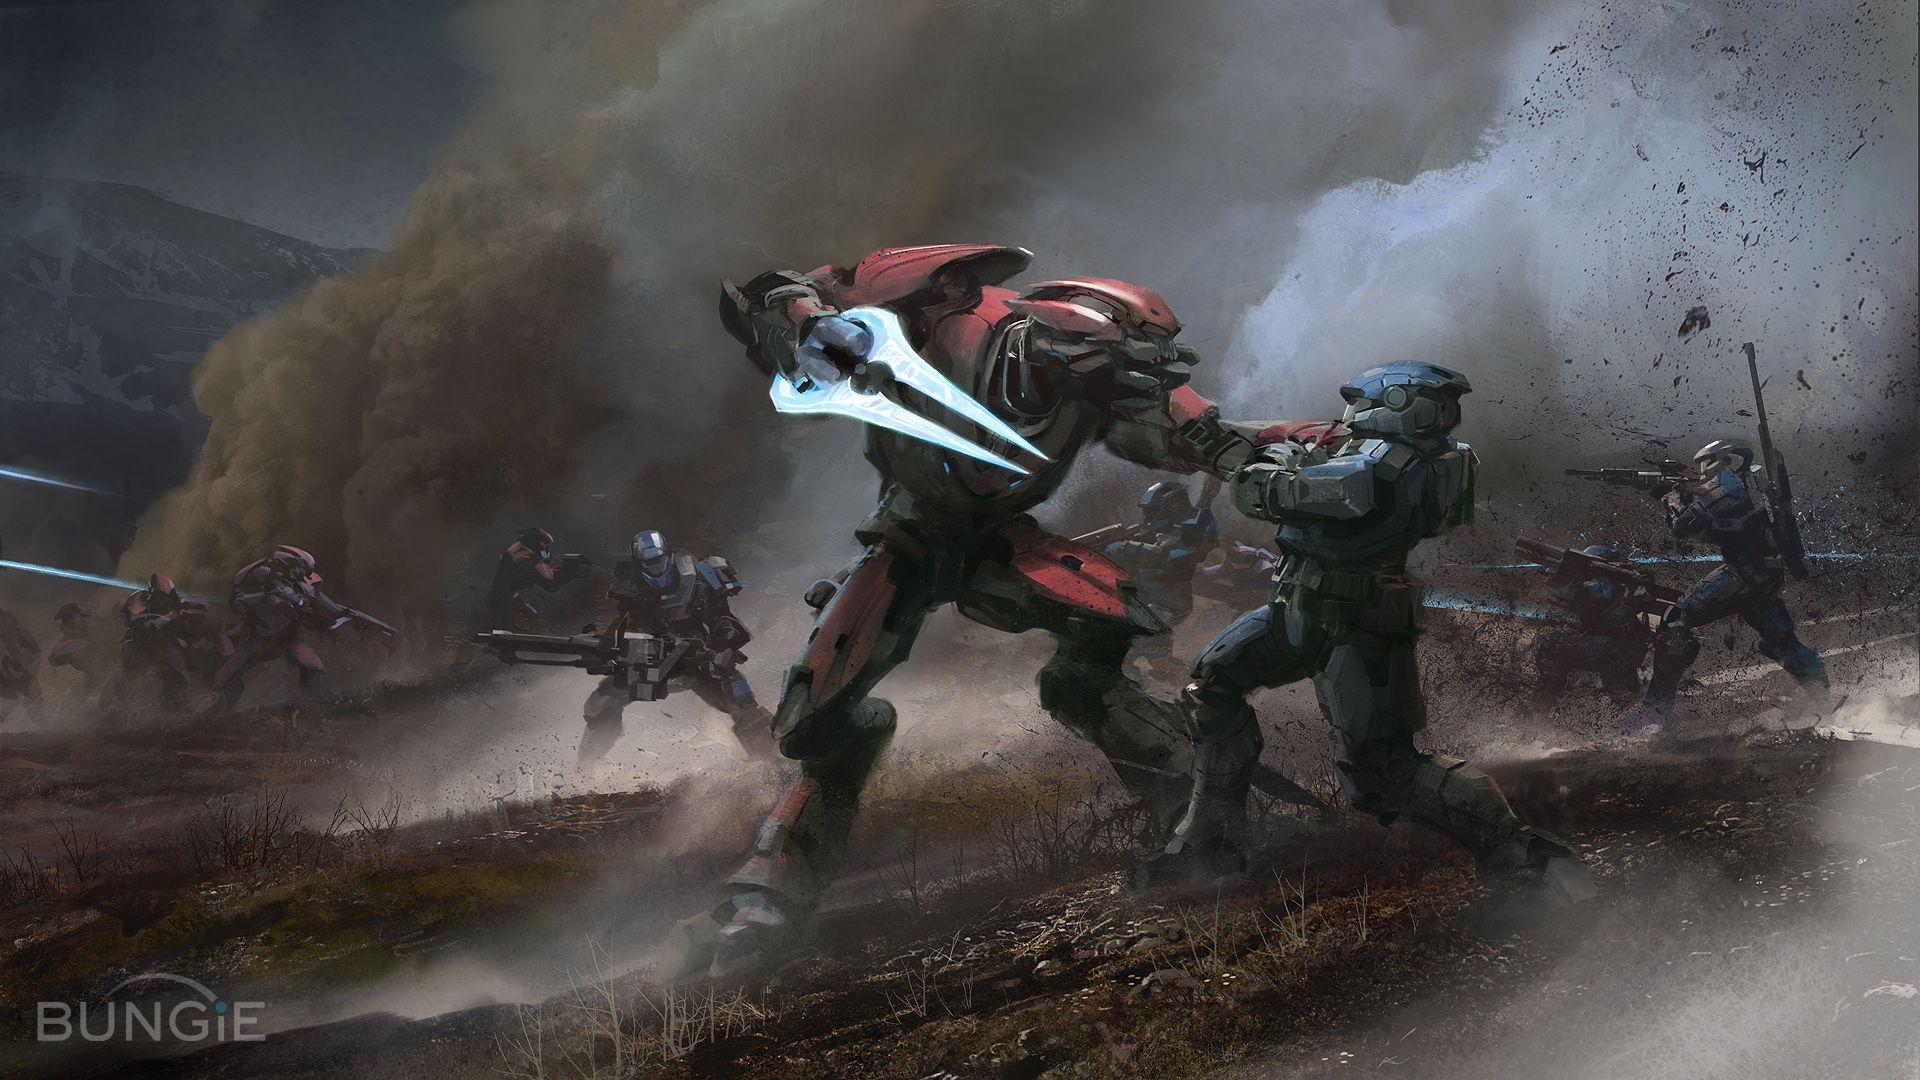 Bungie Concept Art For Halo Reach Halo Fondos De Pantalla Halo Reach Halo